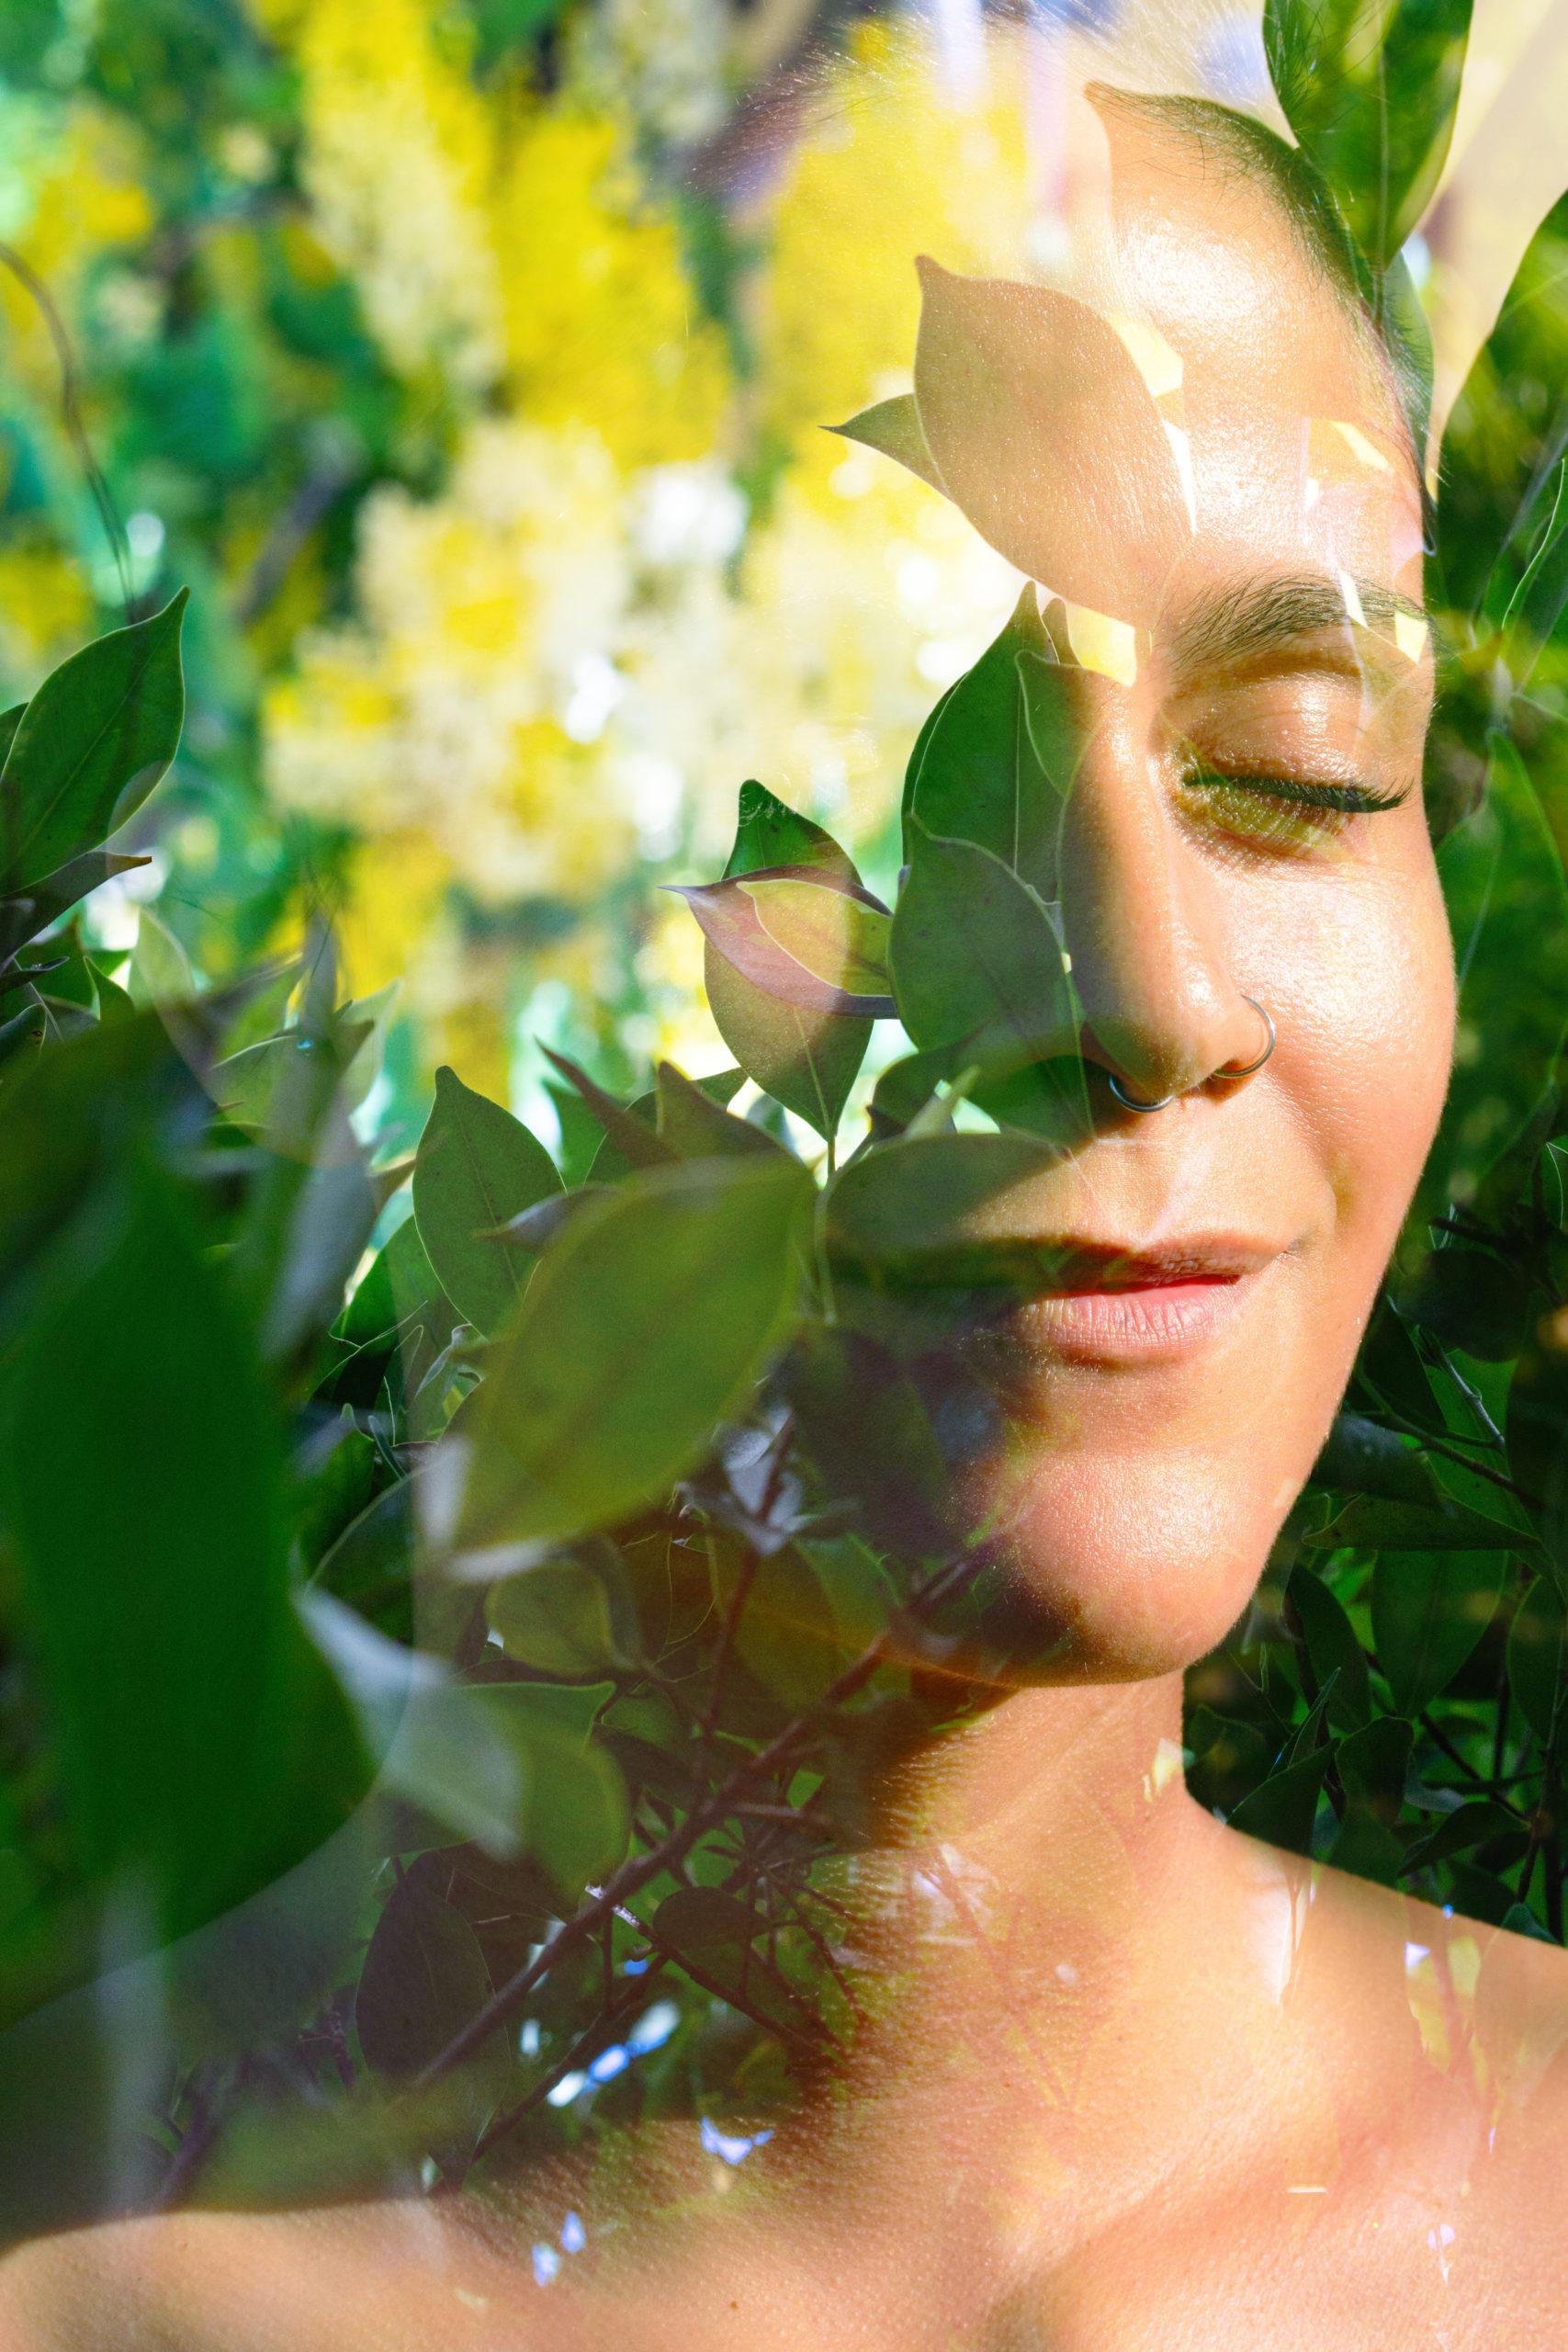 Haut im Sommer - Pflegetipps für sonnige Zeiten